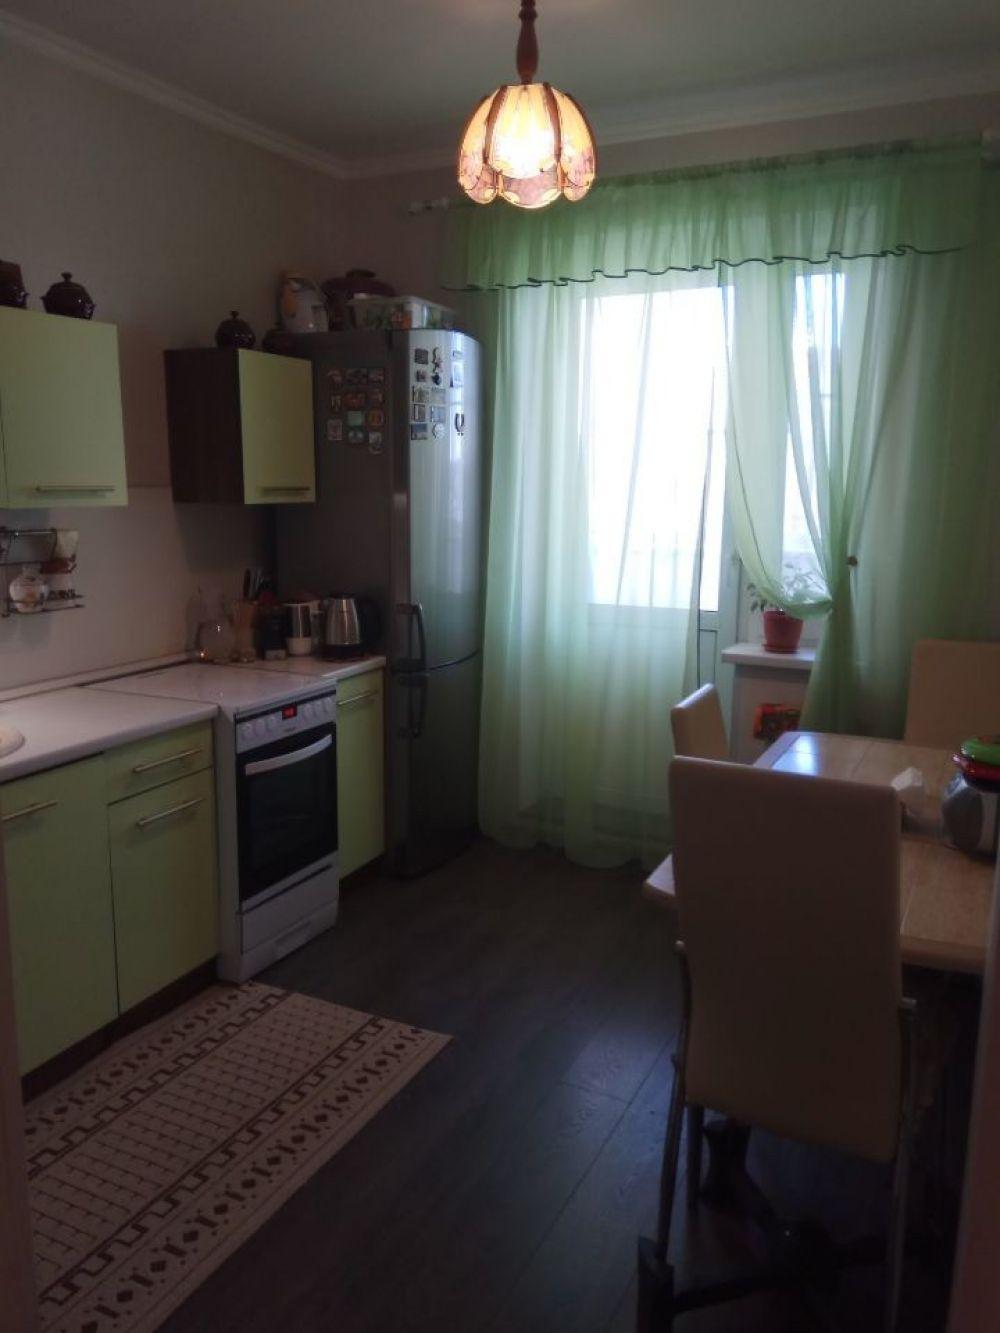 Двухкомнатная квартира, 53 м2, Богородский д.1, г. Щелково, фото 5